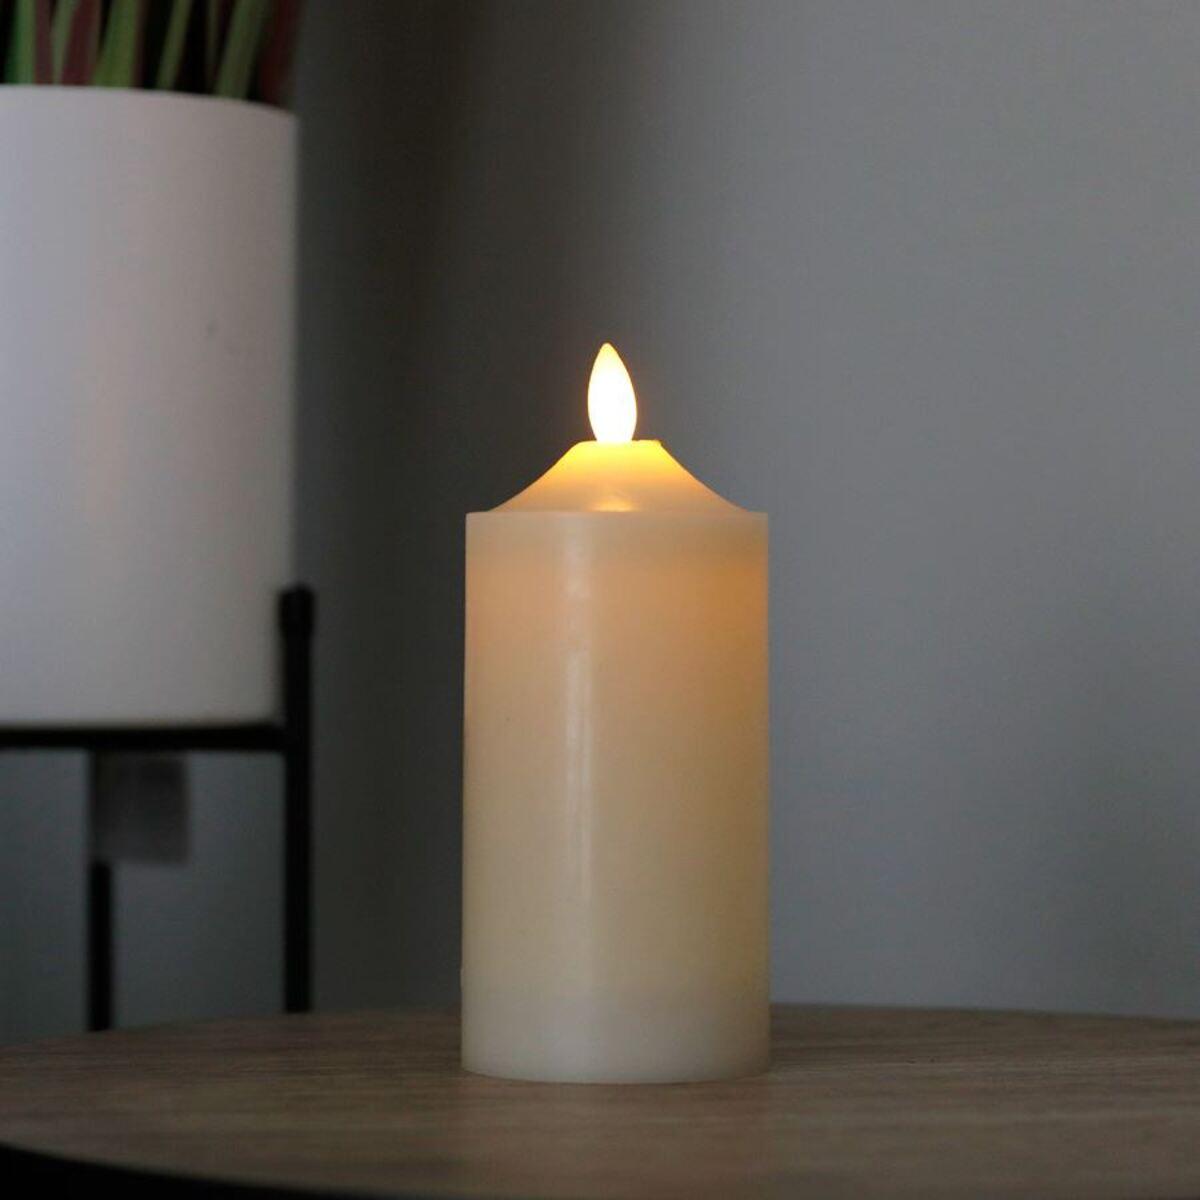 Bild 1 von LED-Altarkerze 7,5x17,5cm Elfenbein